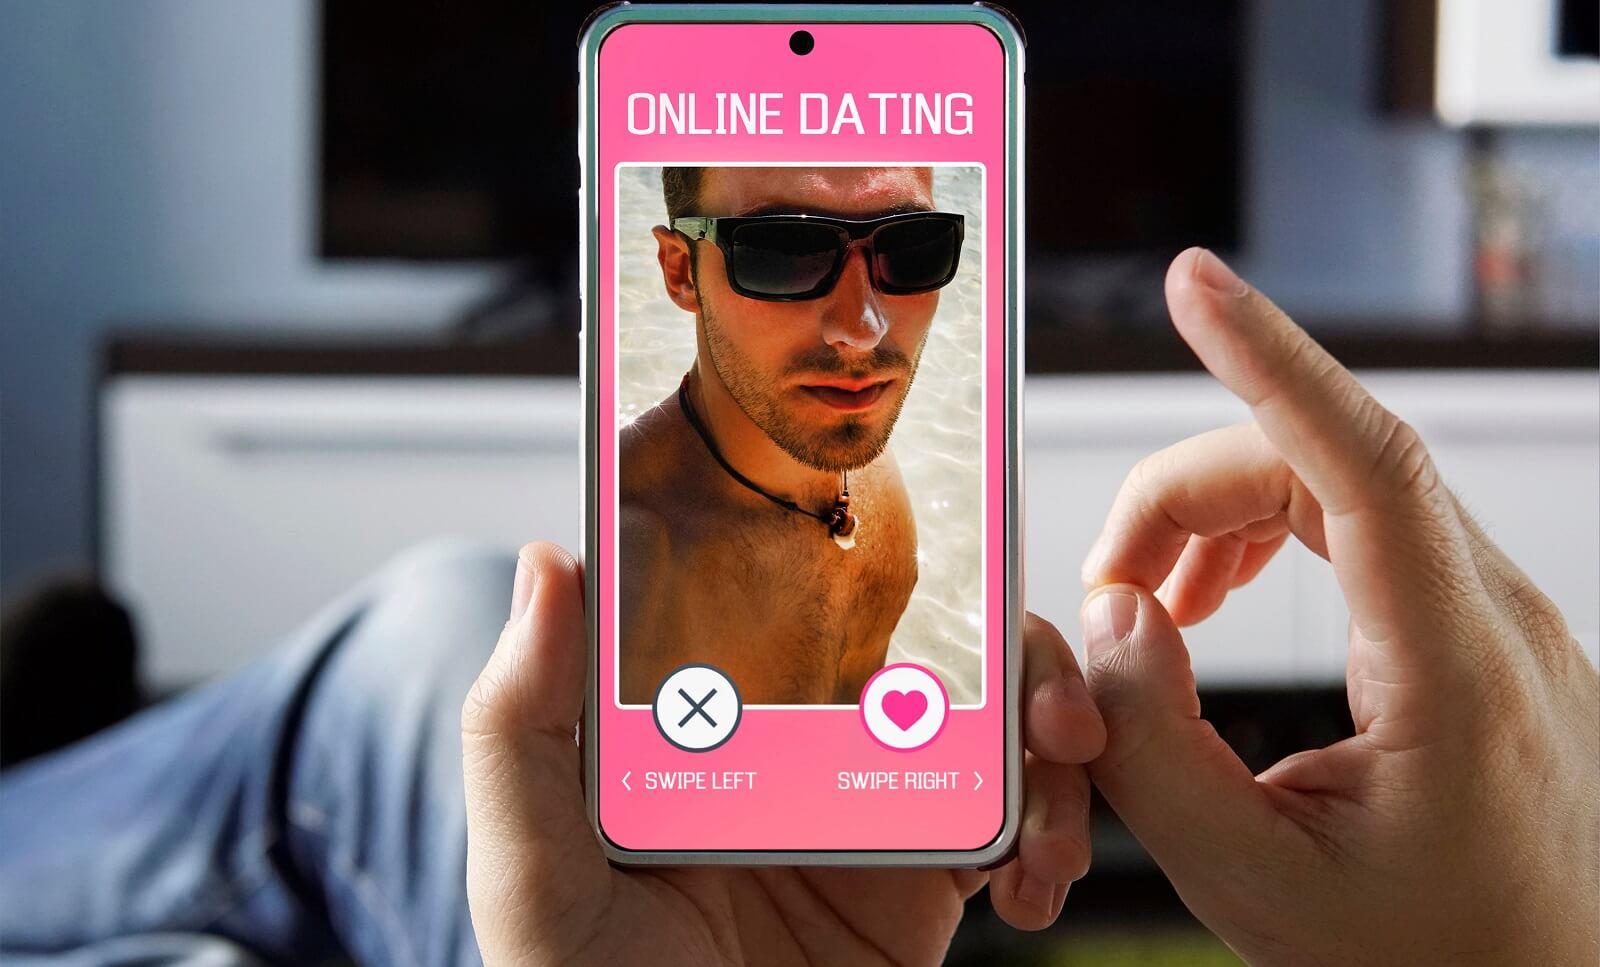 Gay dating app